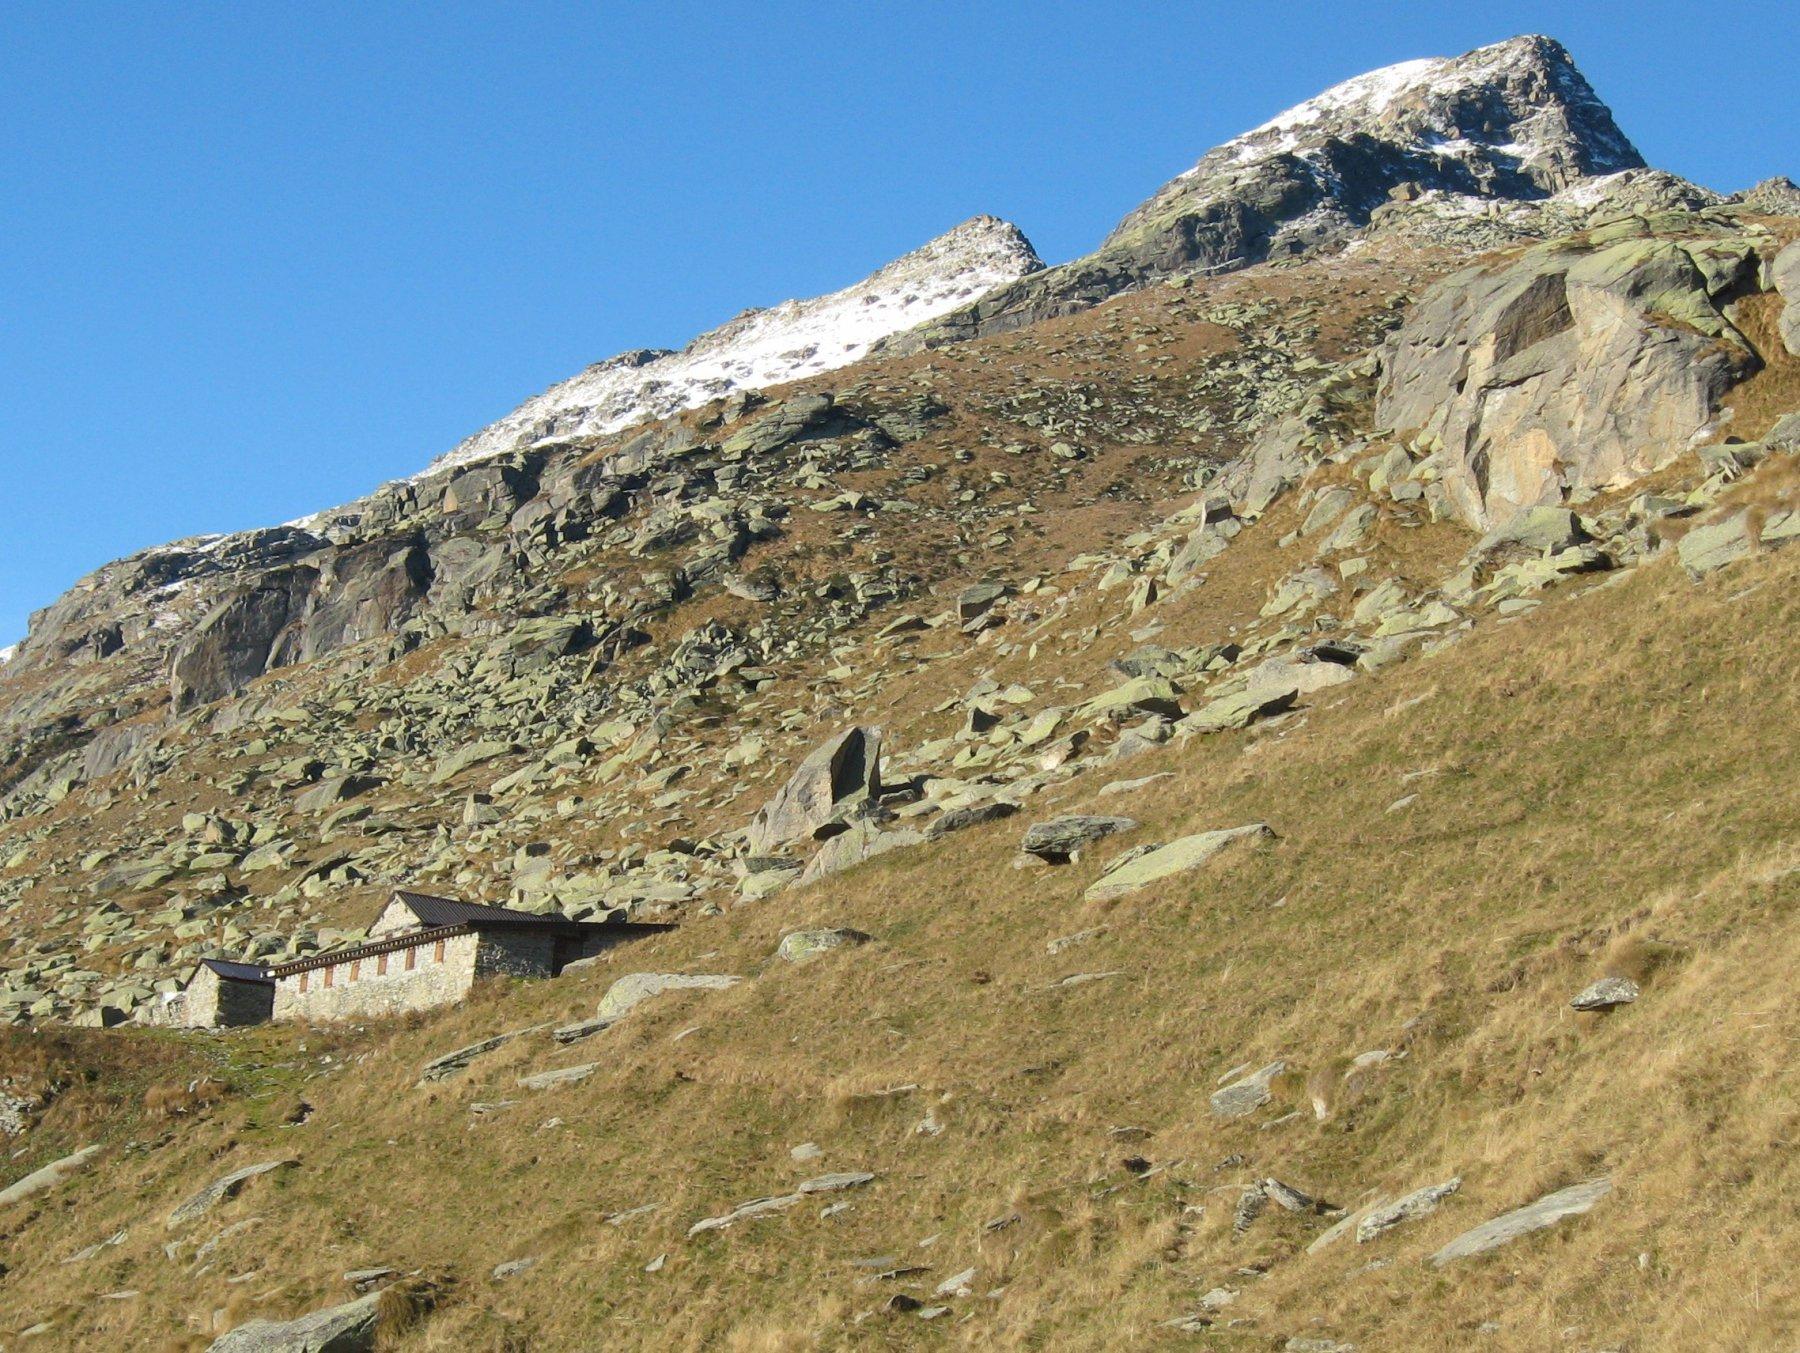 In vista dell'Alpe Balma, la punta più lontana è il monte Tovo